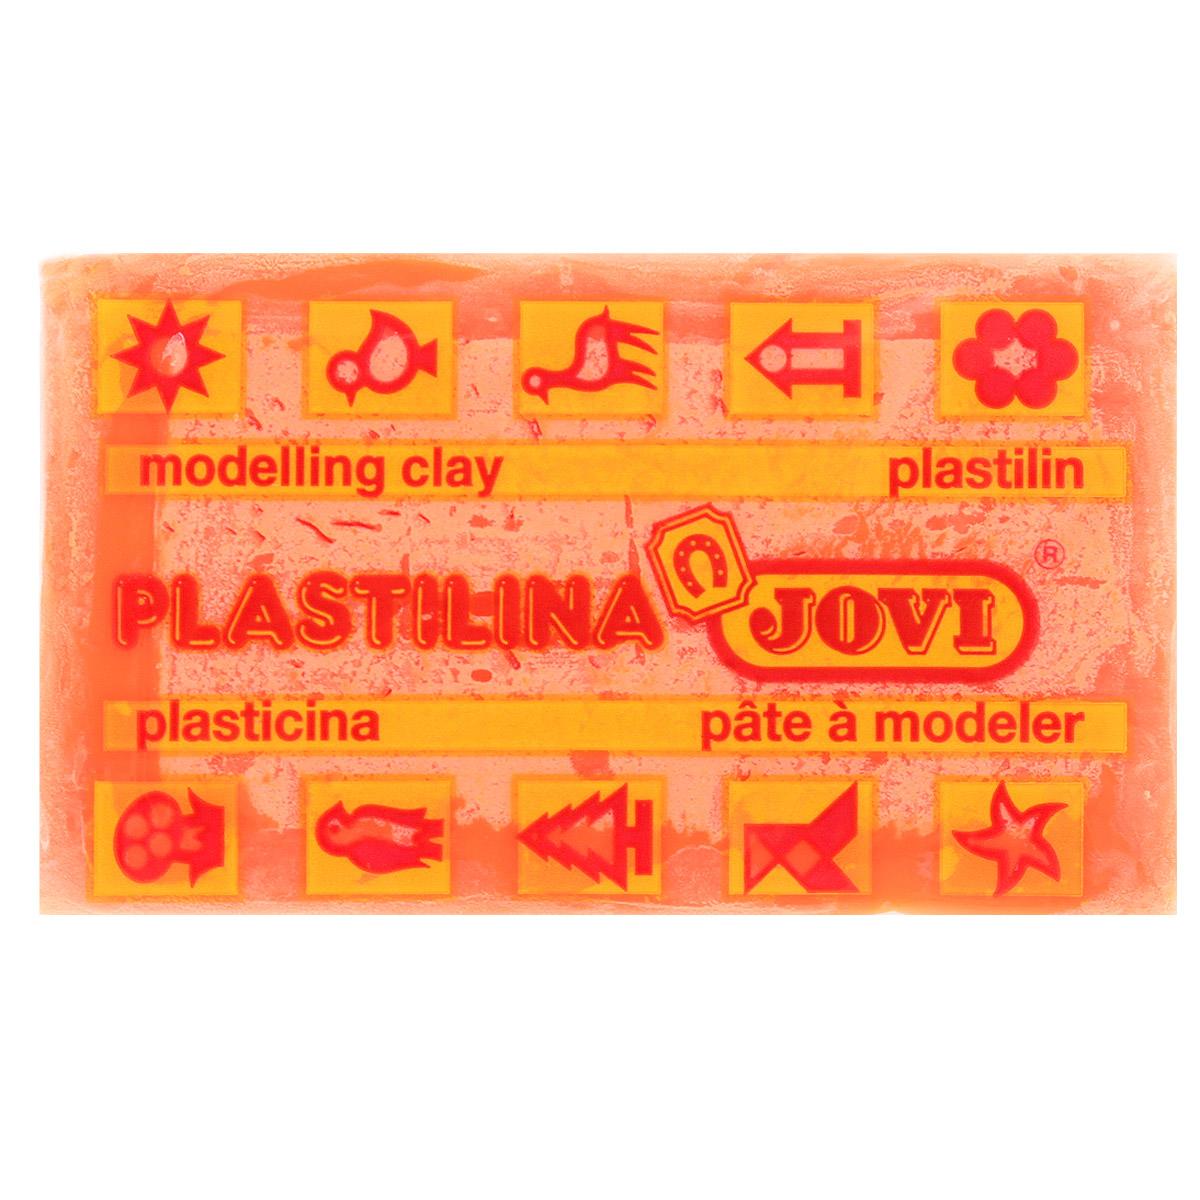 Пластилин Jovi, флюоресцентный, цвет:оранжевый, 50 г70F-U_оранжевыйПластилин Jovi - лучший выбор для лепки, он обладает превосходными изобразительными возможностями и поэтому дает простор воображению и самым смелым творческим замыслам. Пластилин, изготовленный на растительной основе, очень мягкий, легко разминается и смешивается, не пачкает руки и не прилипает к рабочей поверхности. Пластилин пригоден для создания аппликаций и поделок, ручной лепки, моделирования на каркасе, пластилиновой живописи - рисовании пластилином по бумаге, картону, дереву или текстилю. Пластические свойства сохраняются в течение 5 лет.